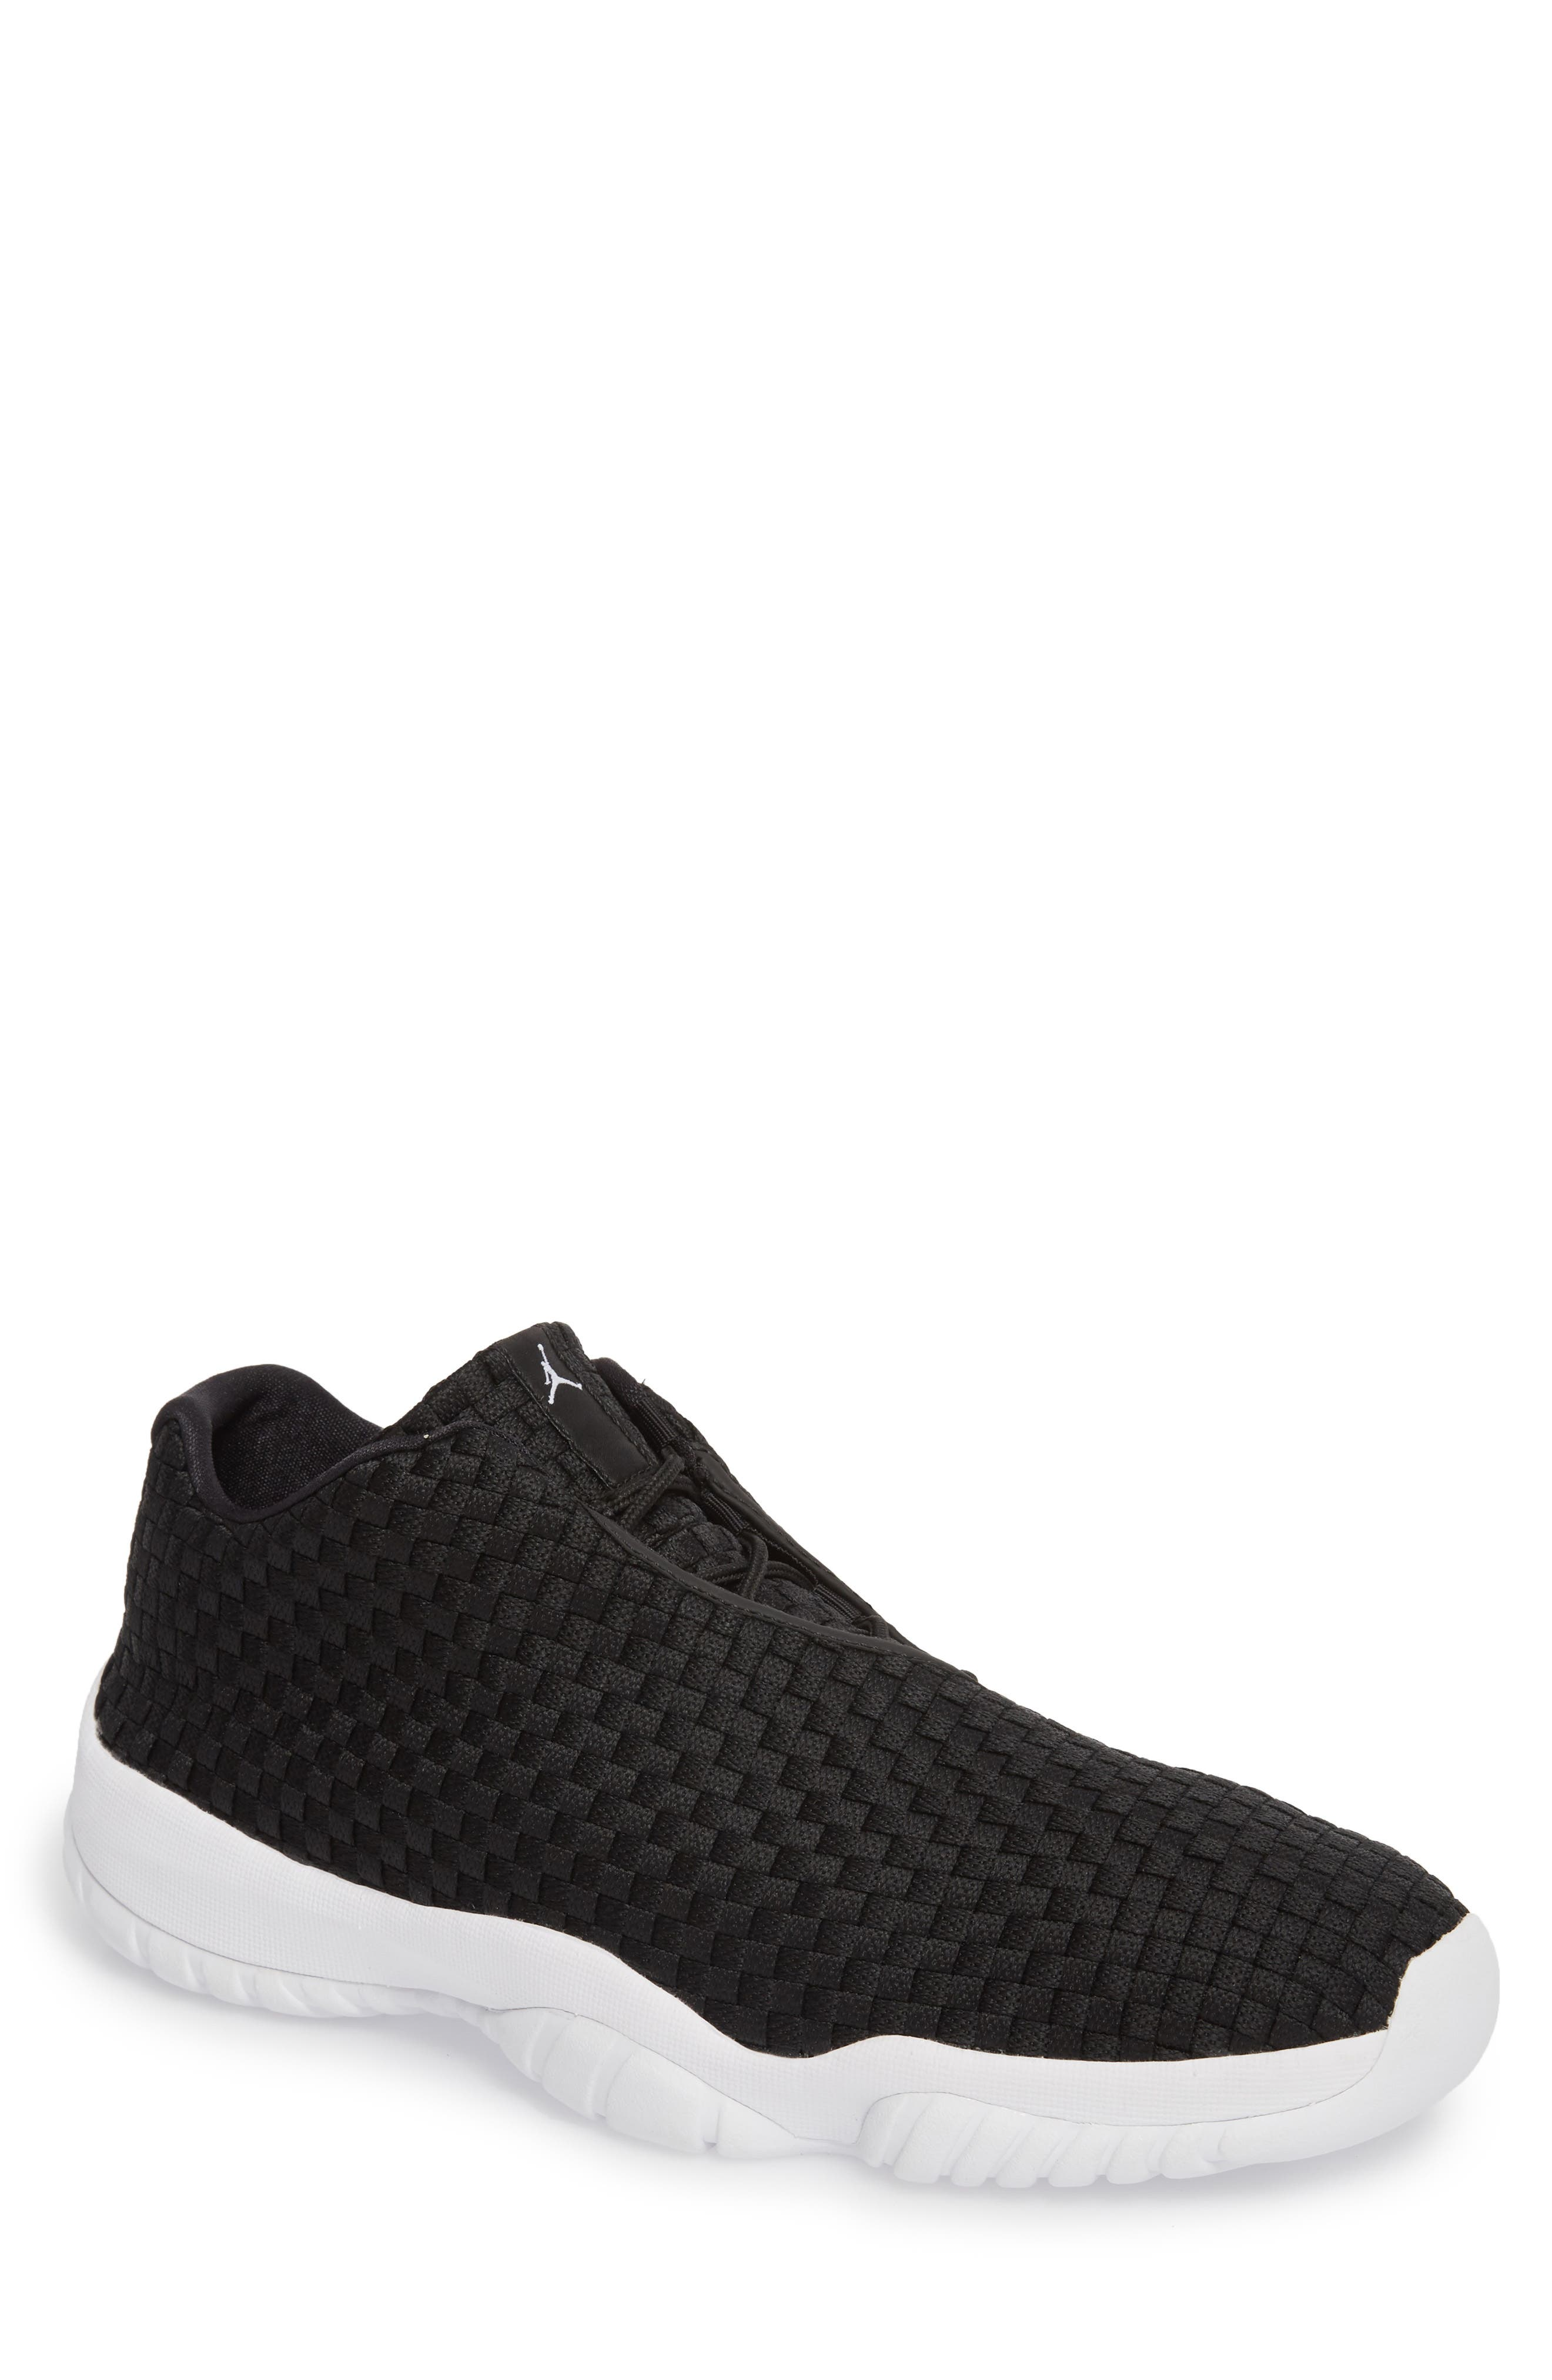 Air Jordan Future Woven Sneaker,                             Main thumbnail 1, color,                             002